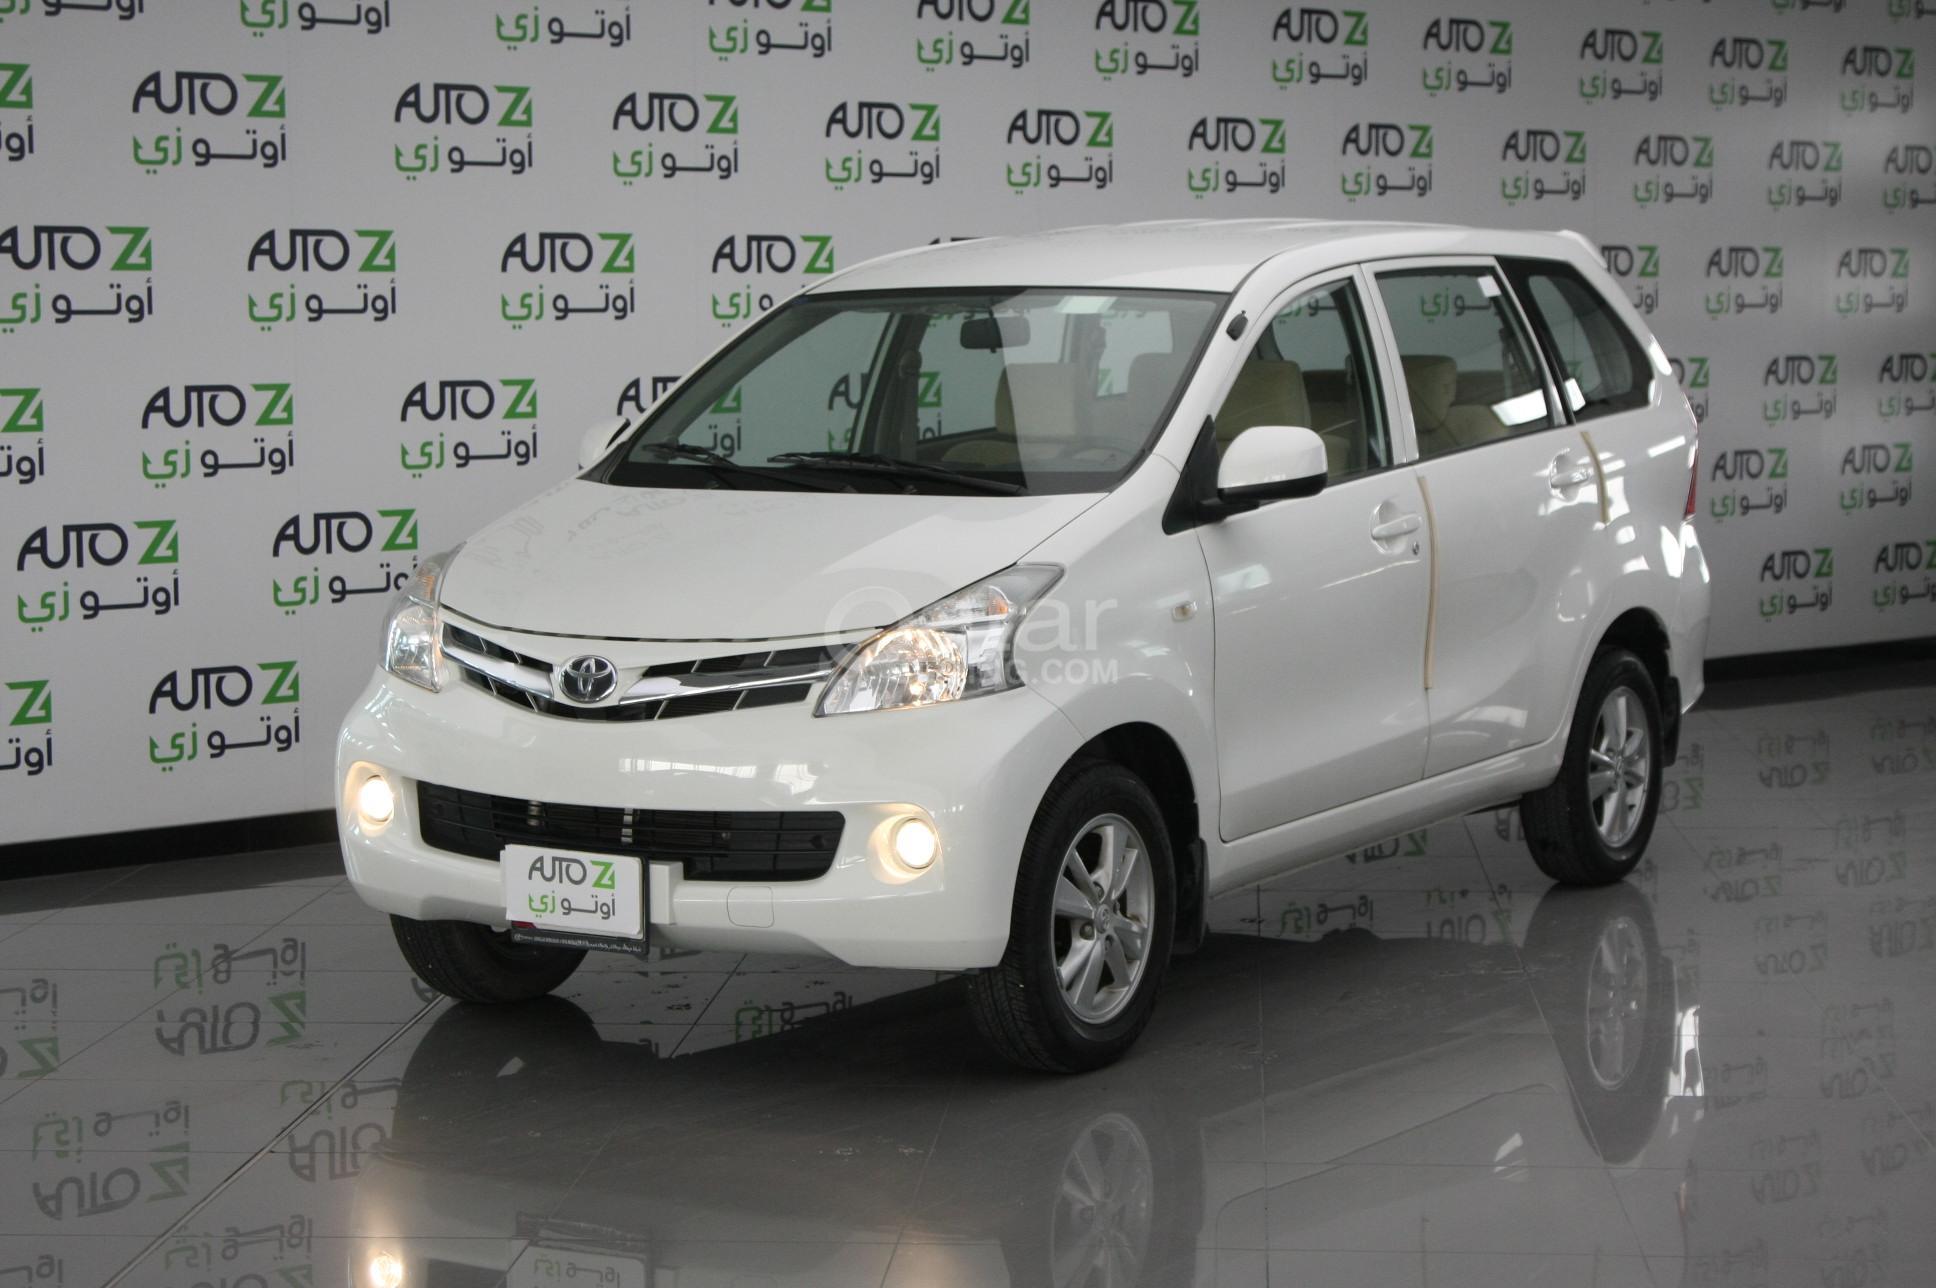 Kelebihan Kekurangan Toyota Avanza 2015 Review